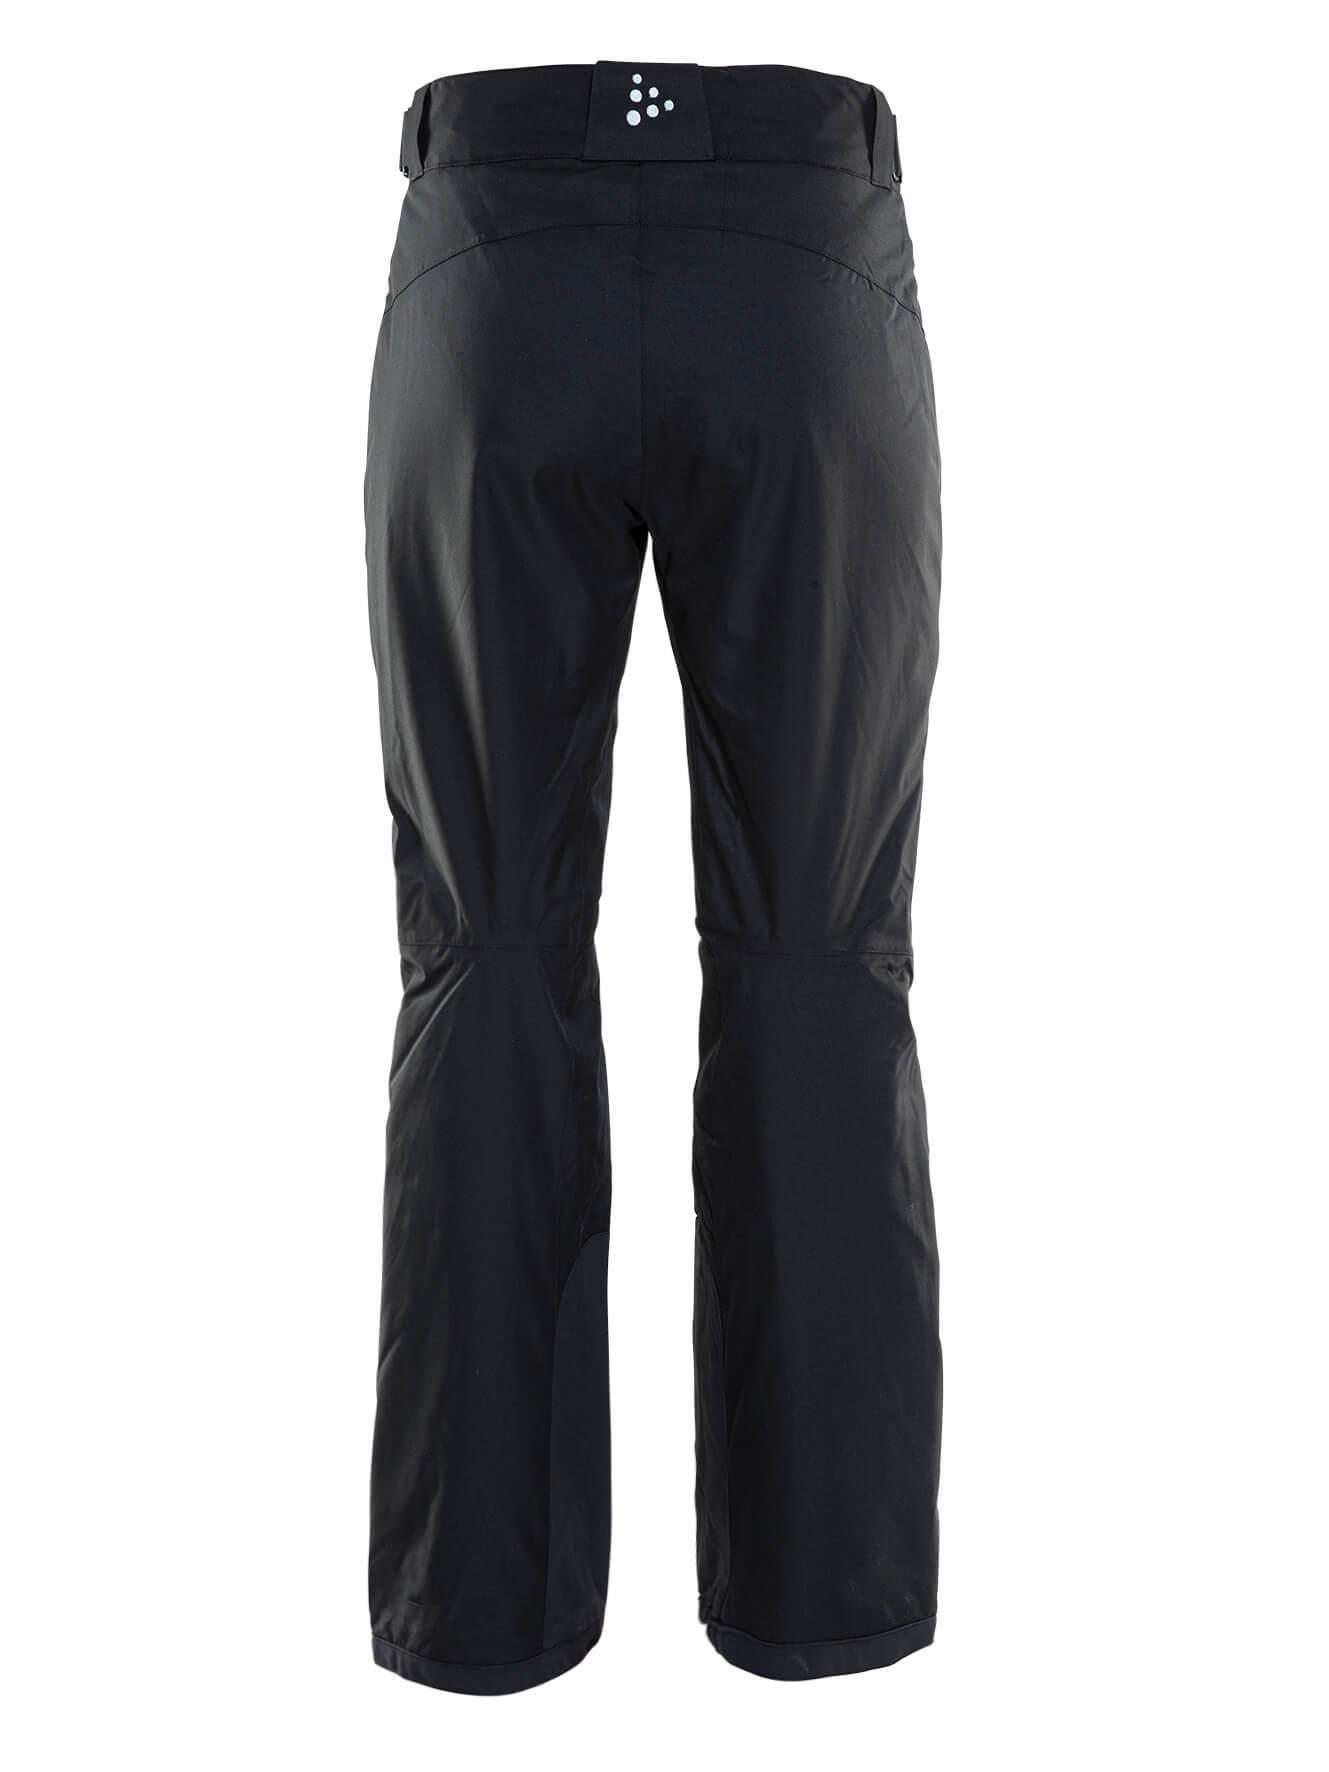 Craft Alpine Eira женские теплые лыжные брюки - 2